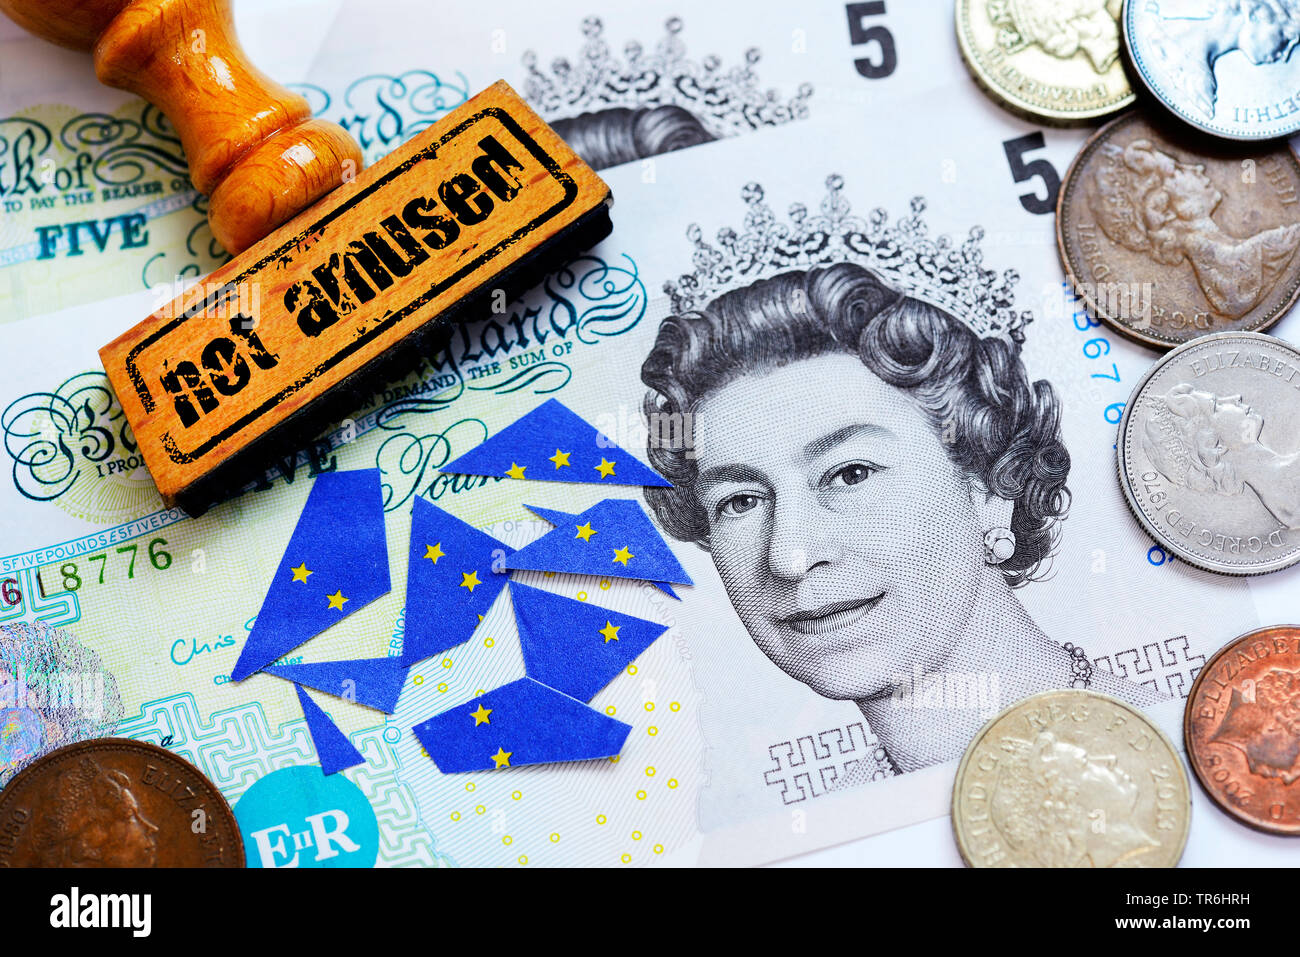 britische Pfundnoten mit britischer Koenigin und Stempel mit der Aufschrift 'not amused', Symbolfoto Brexit, Deutschland | pound bill with british que - Stock Image